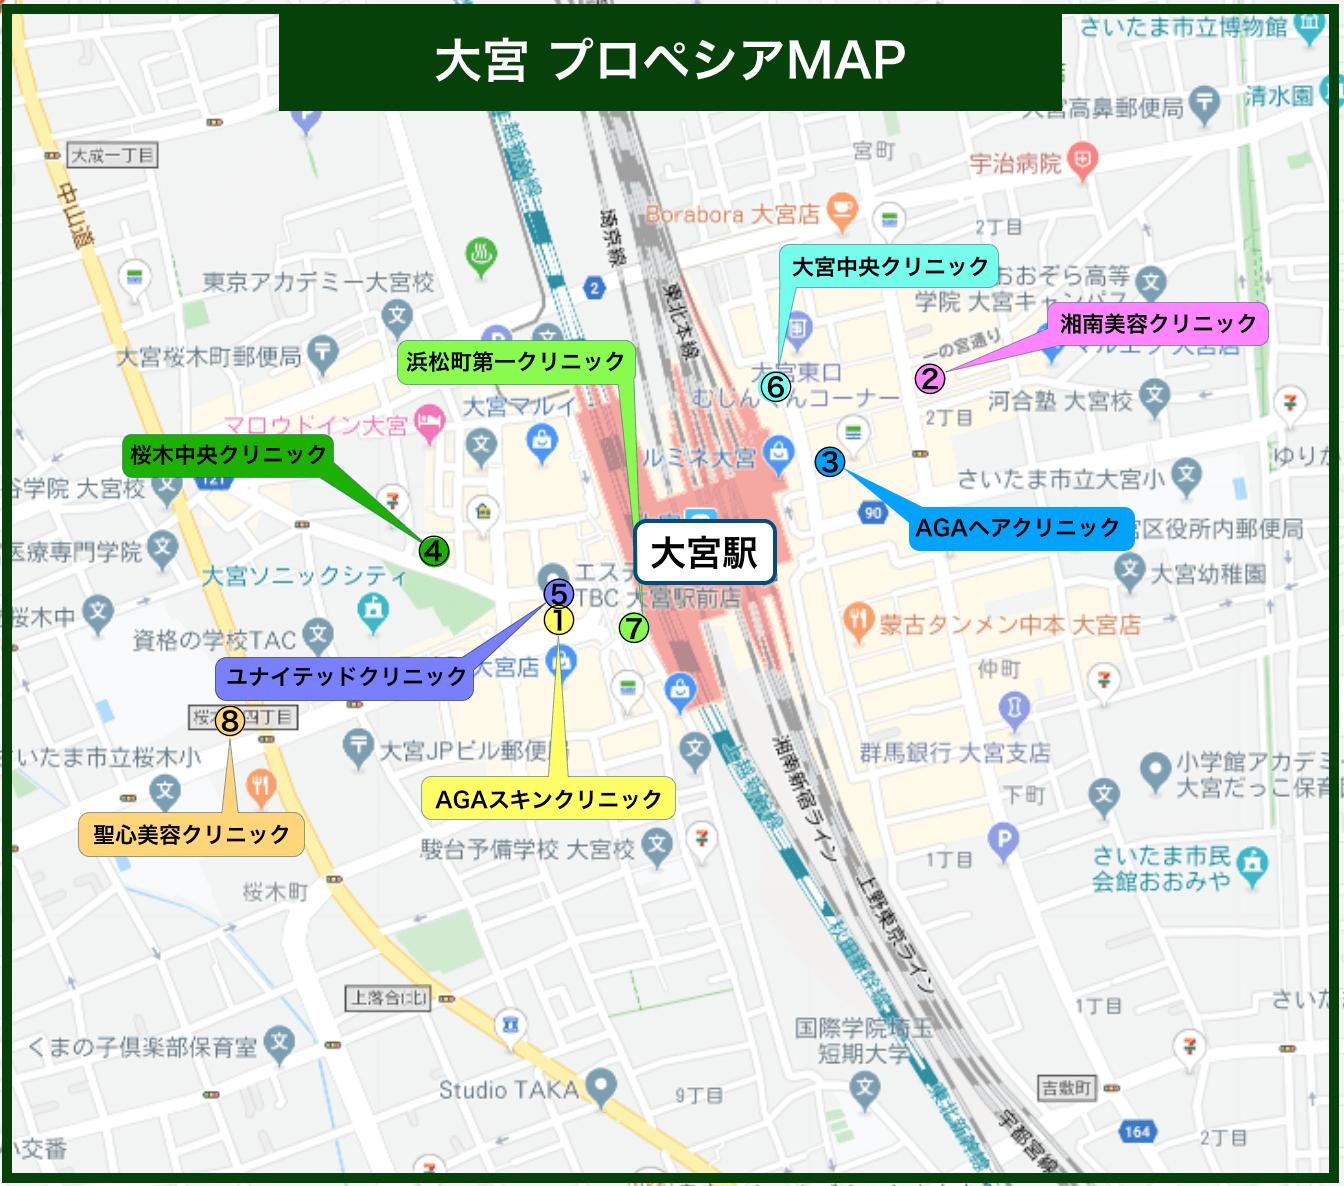 プロペシア治療マップ